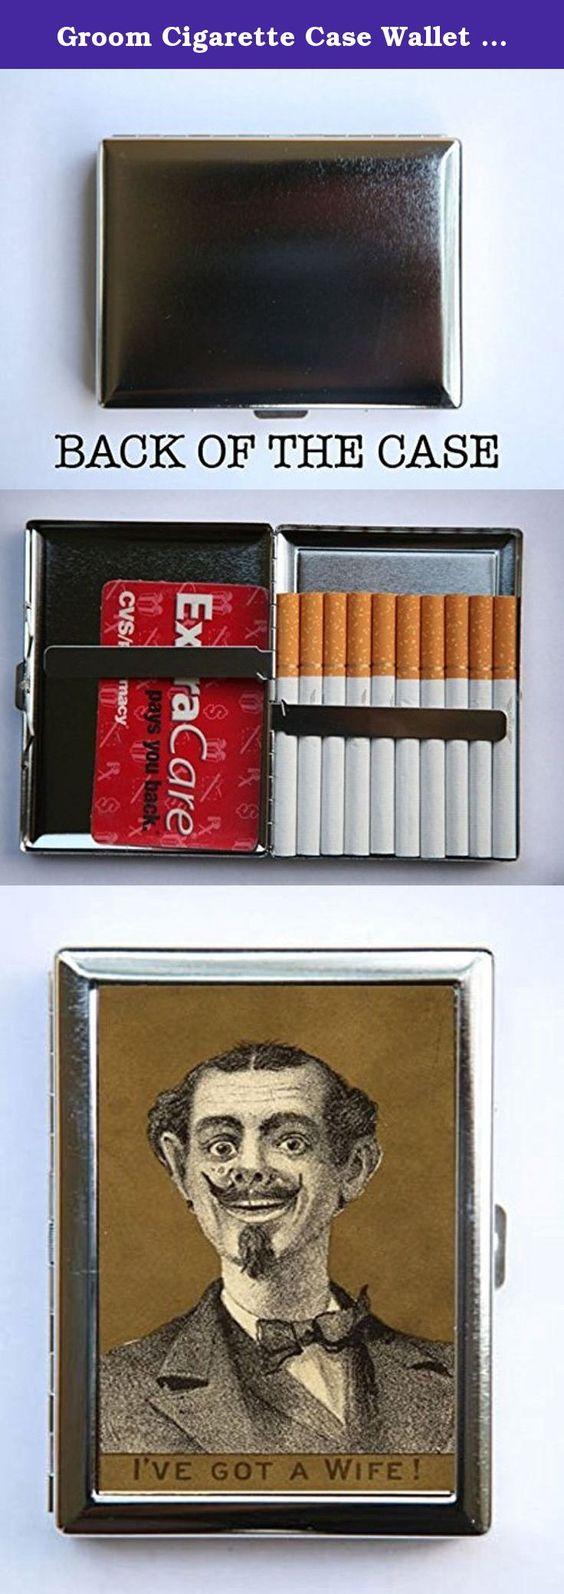 Groom Cigarette Case Wallet Business Card Holder humor Gag ...